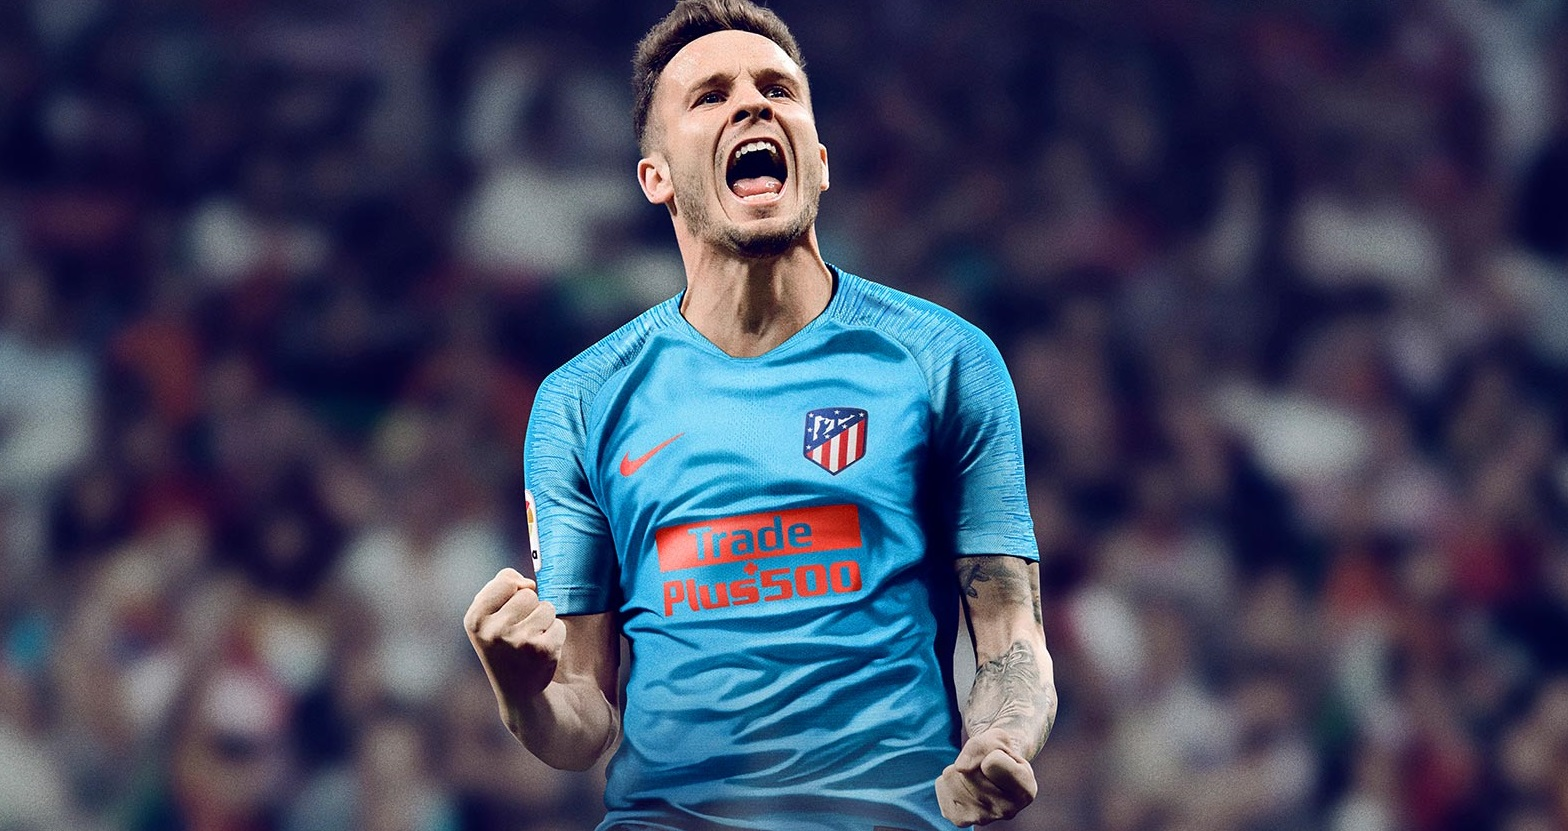 Atletico Madrid 2019 maillot officiel foot extérieur